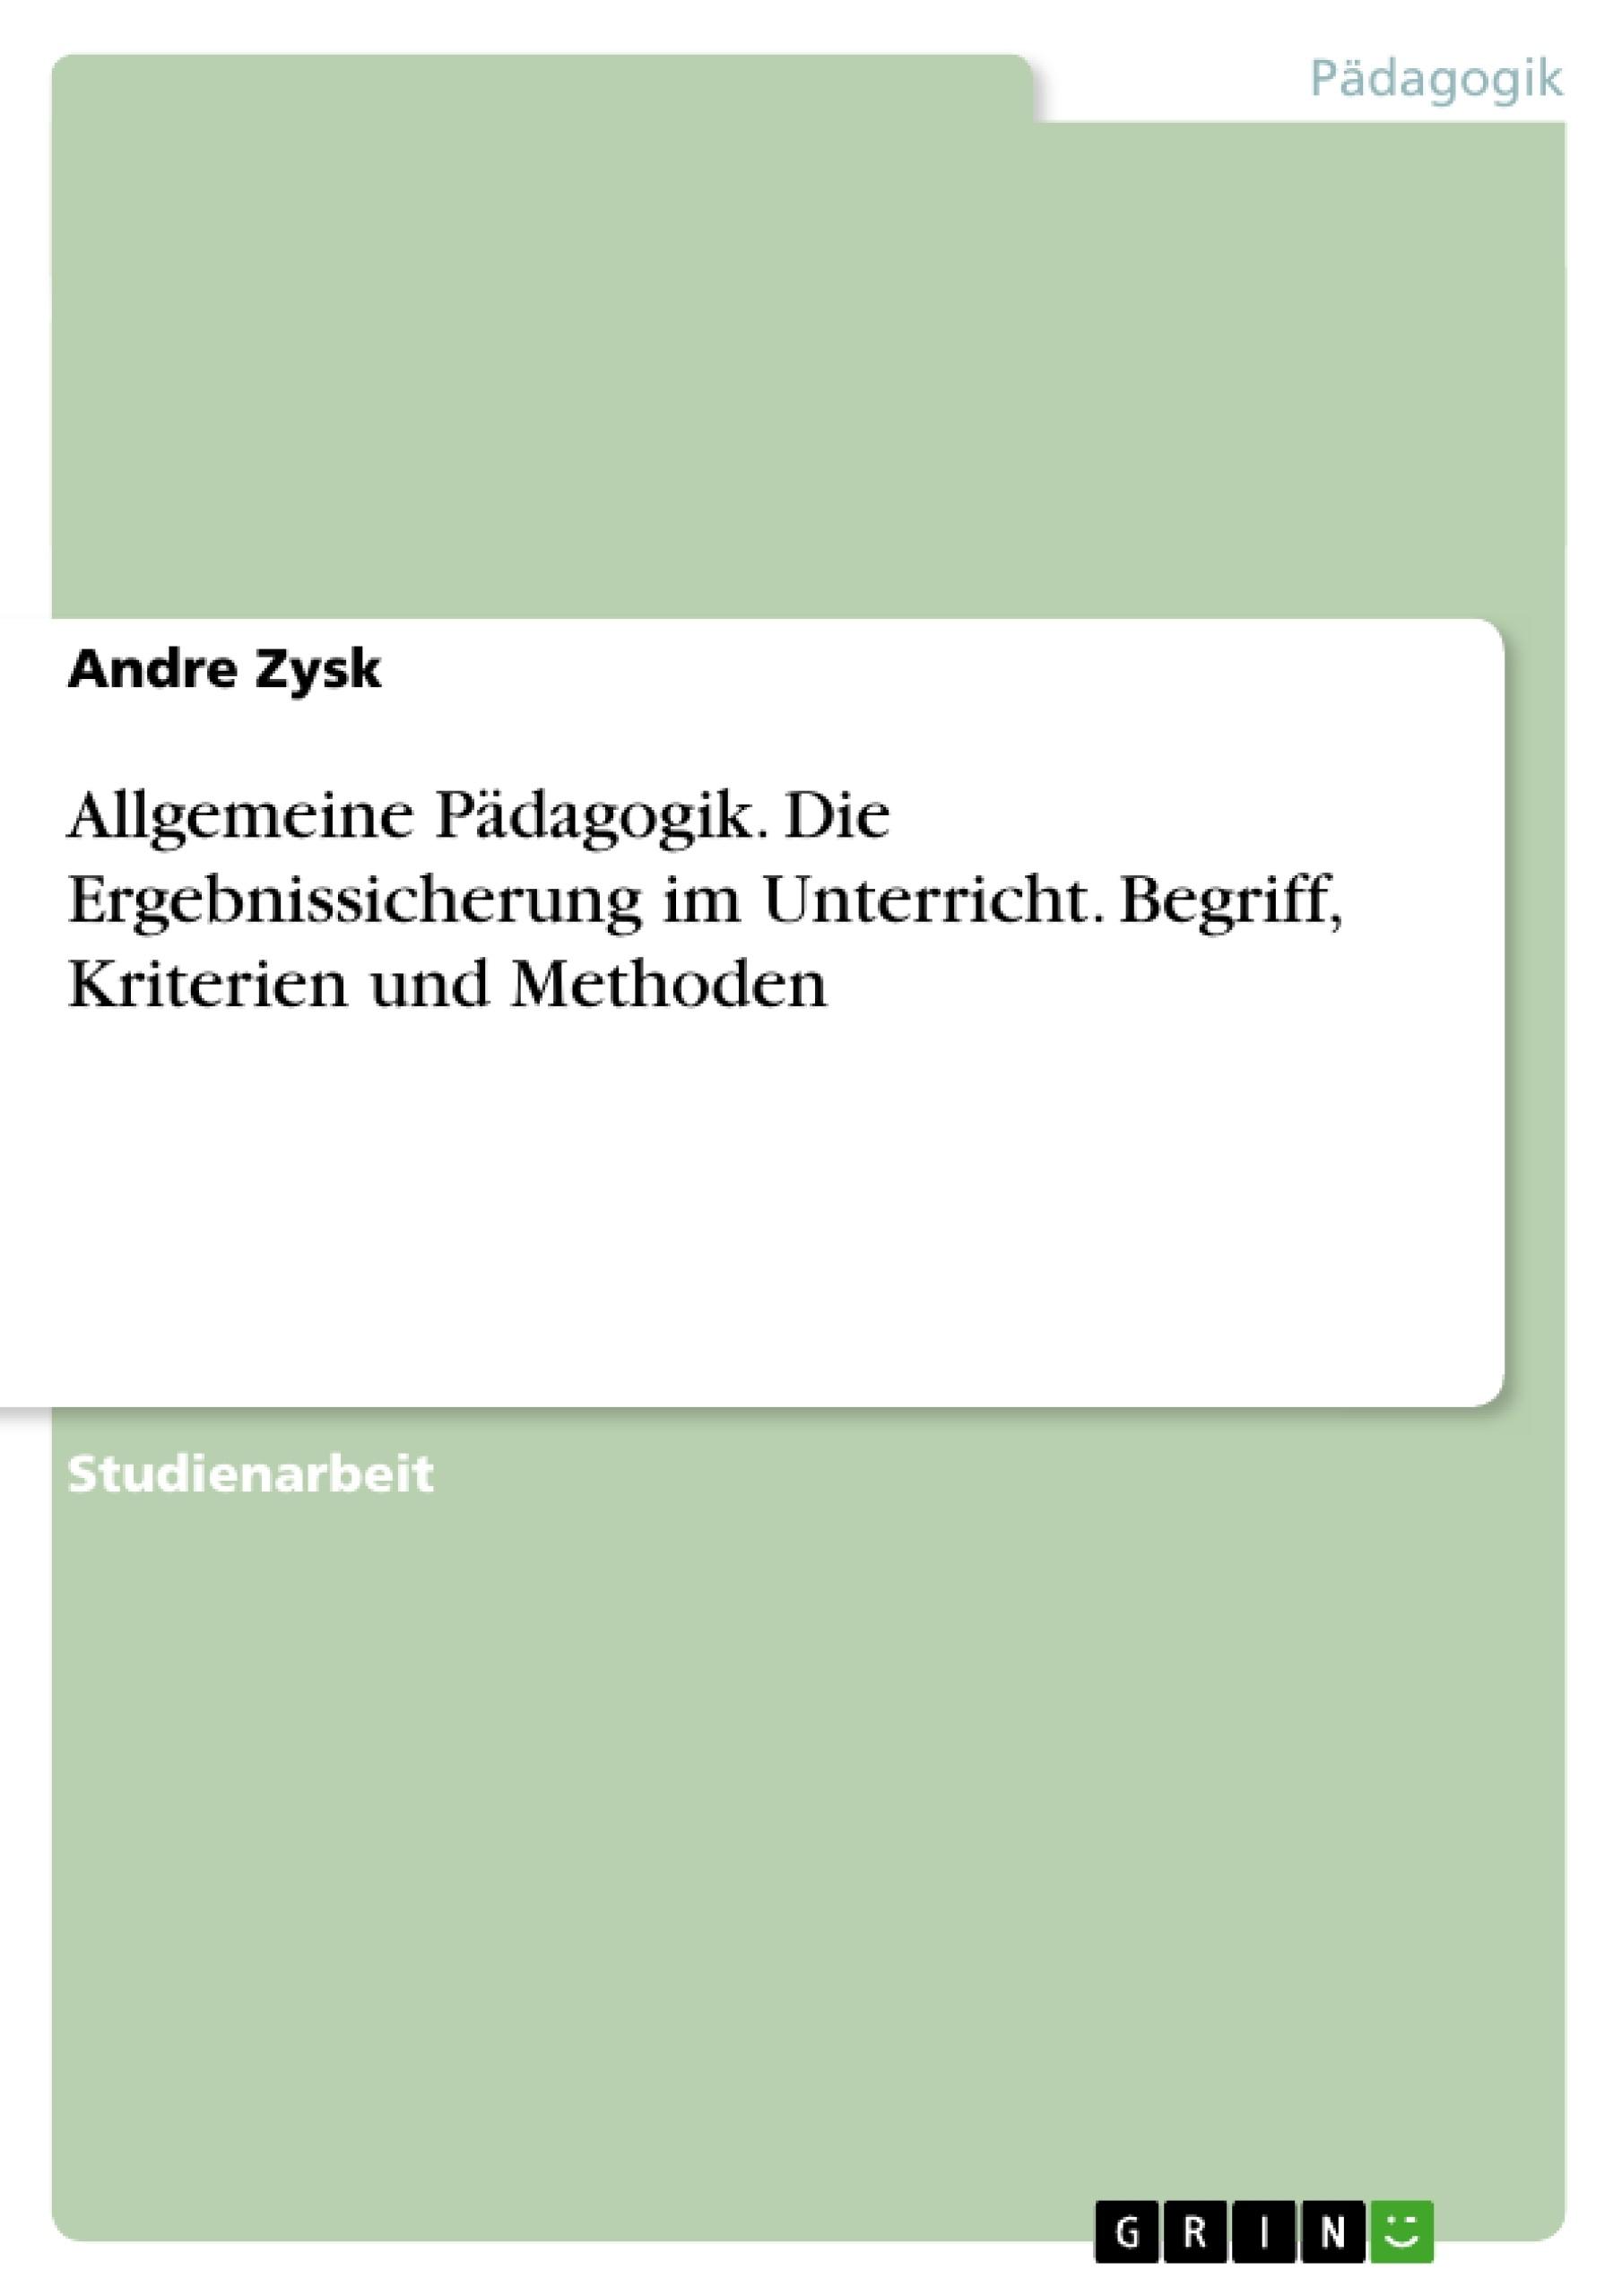 Titel: Allgemeine Pädagogik. Die Ergebnissicherung im Unterricht. Begriff, Kriterien und Methoden